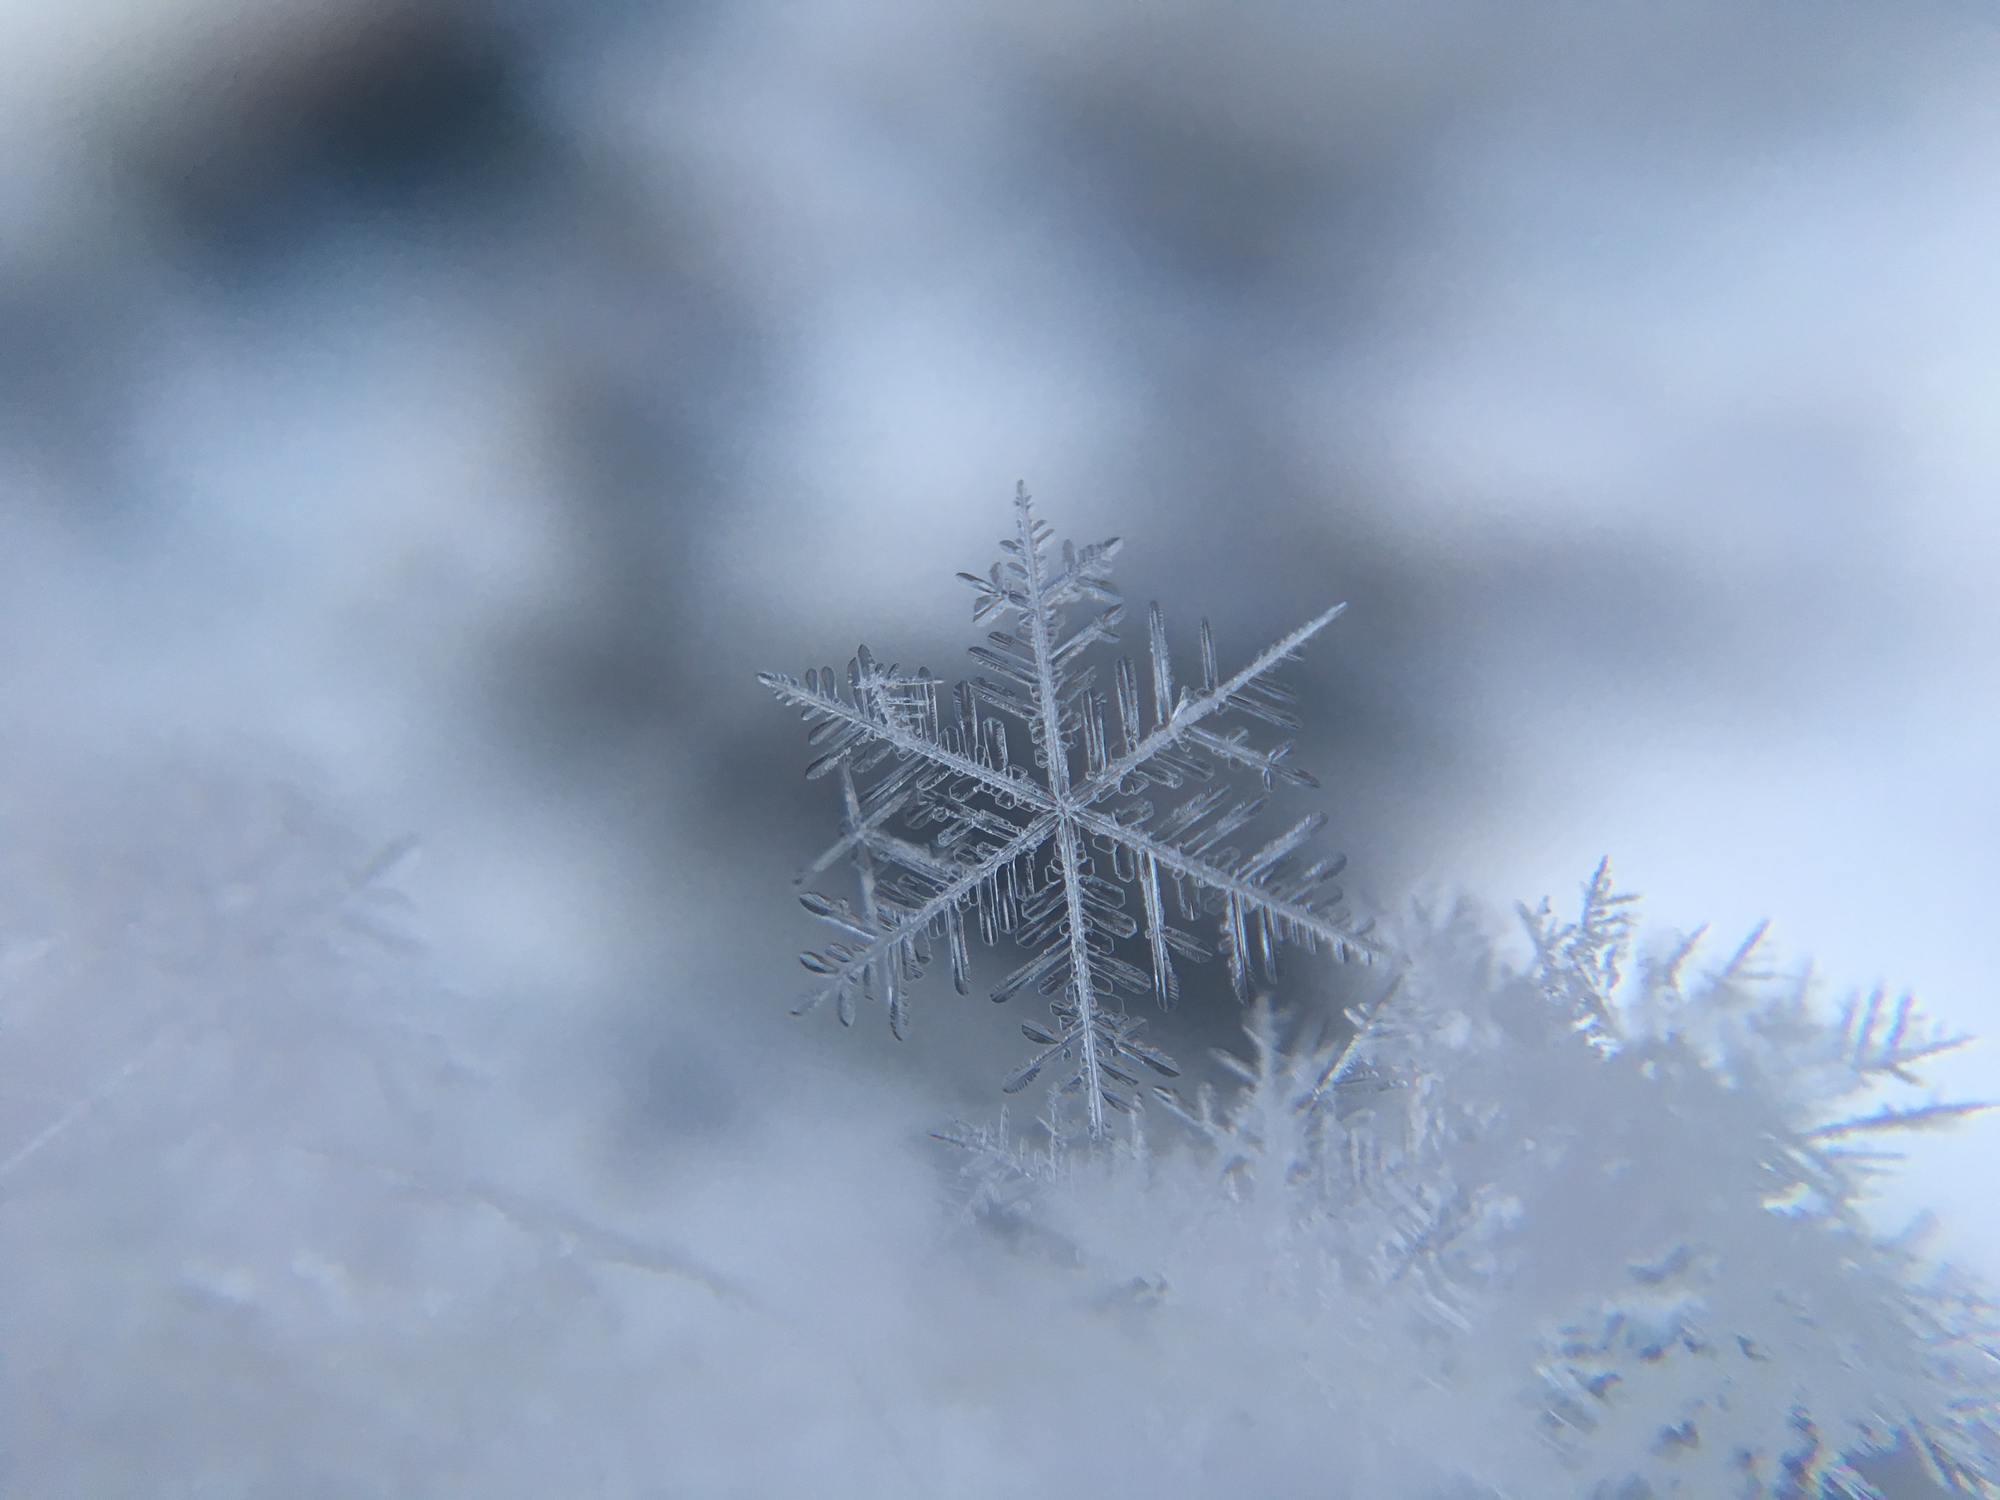 Schmilzt Schnee, so verliert es seine kristalline Struktur und wird durchsichtig.